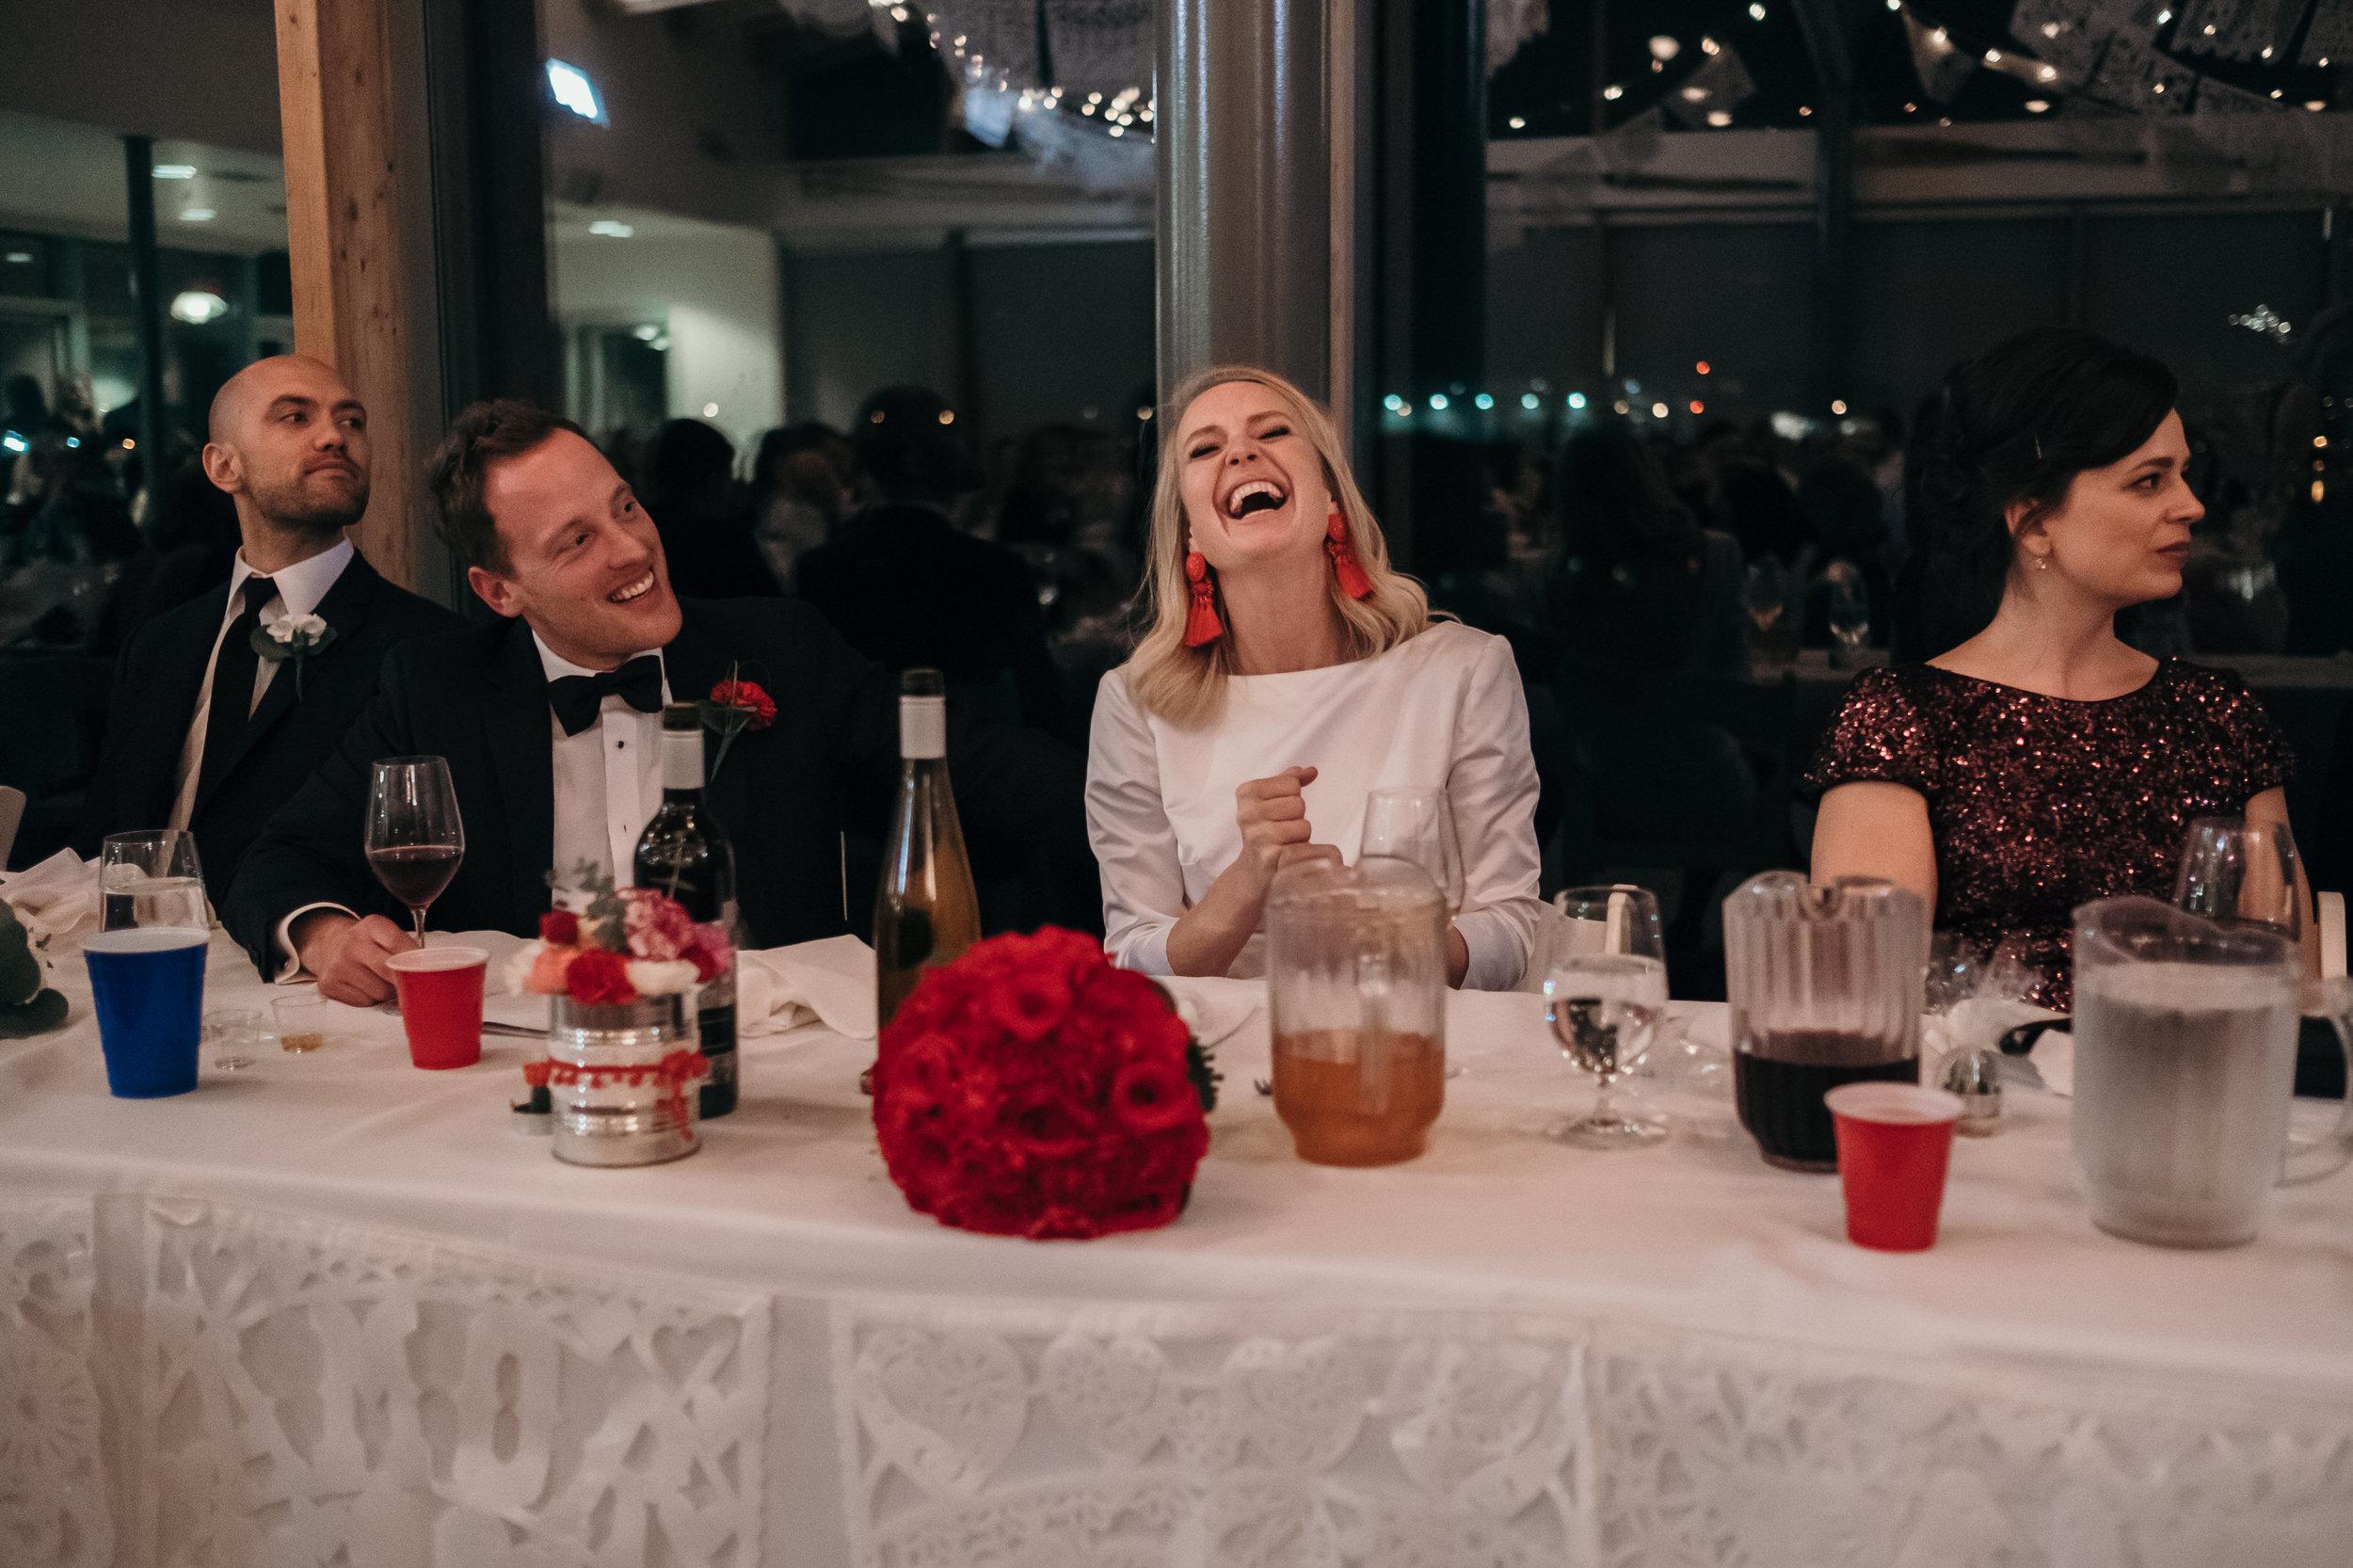 Vancouver New Years Eve Wedding - UBC Boathouse Wedding - Kitsilano Wedding Photos - Vancouver Wedding Photographer - Vancouver Wedding Videographer - 939.JPG